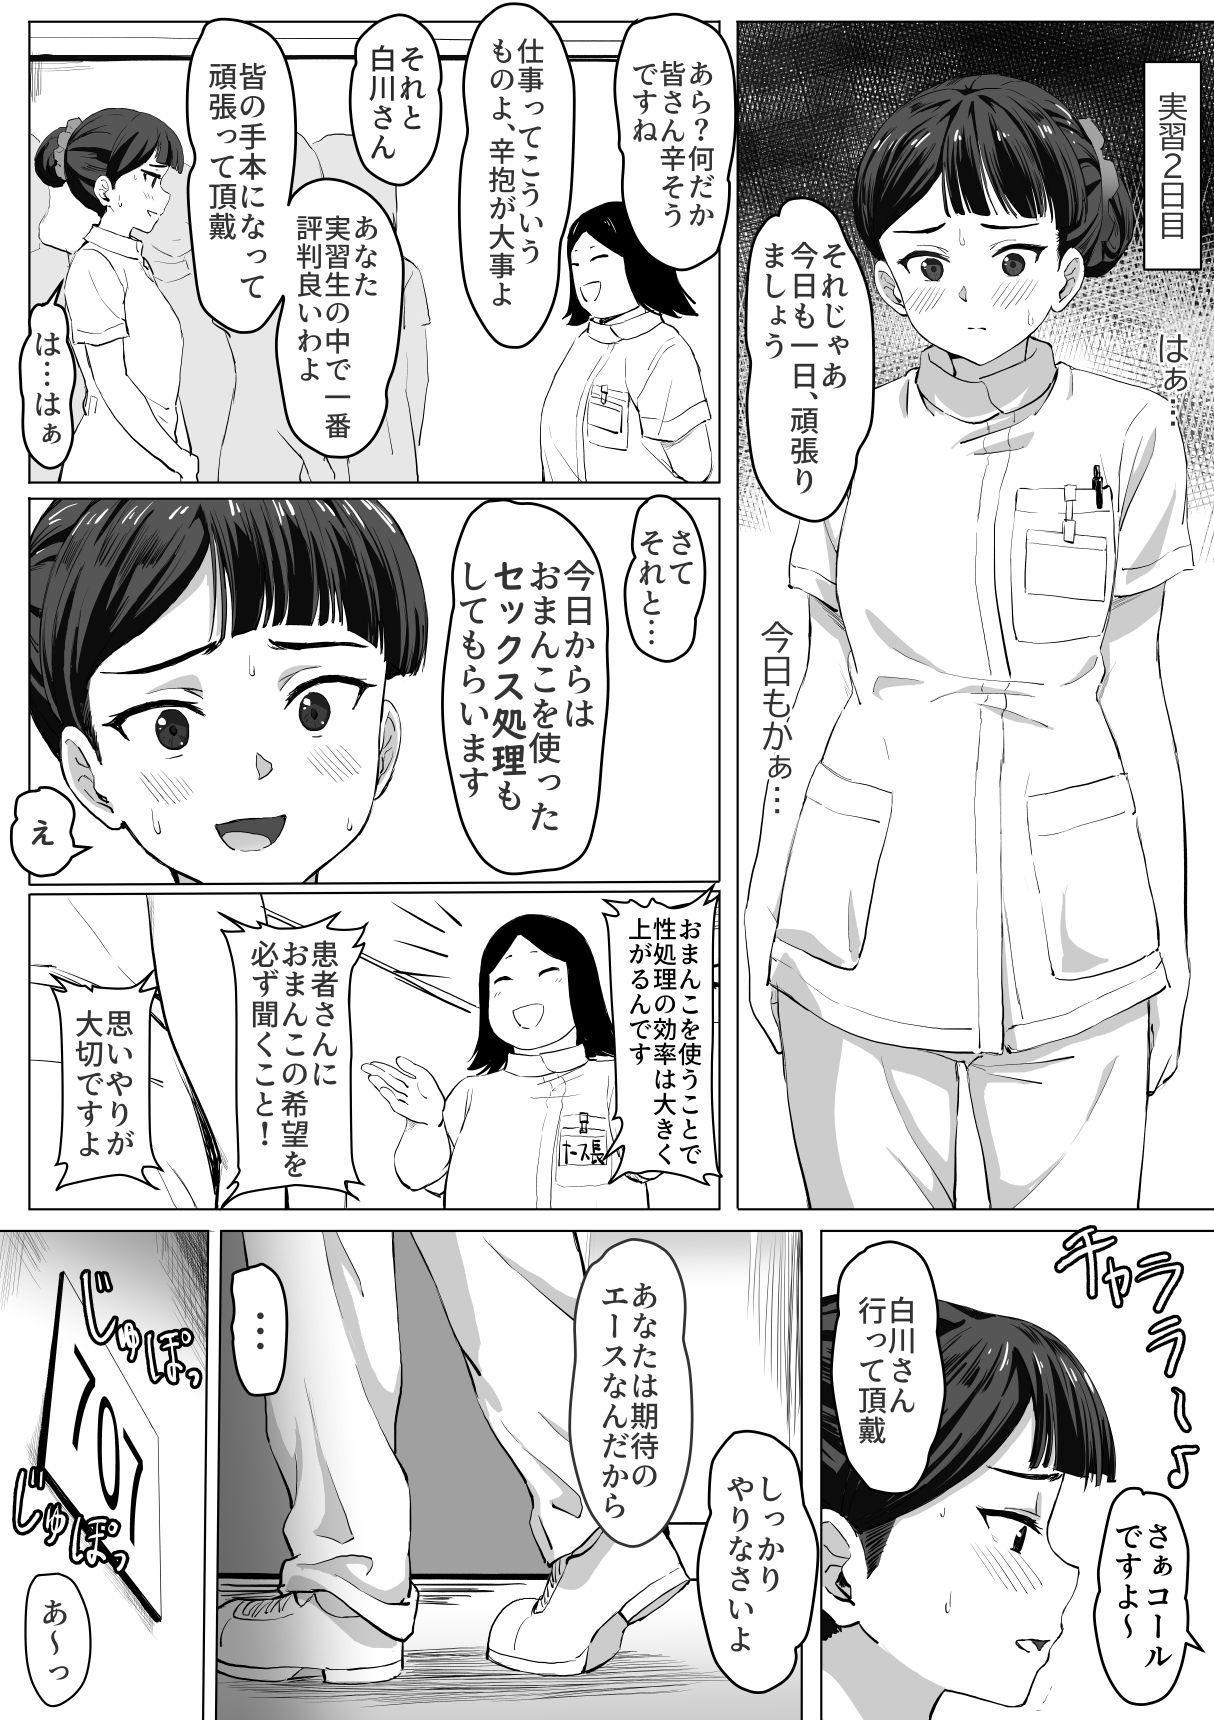 Kimajime Nurse no Seiyoku Shori Jisshuu 15